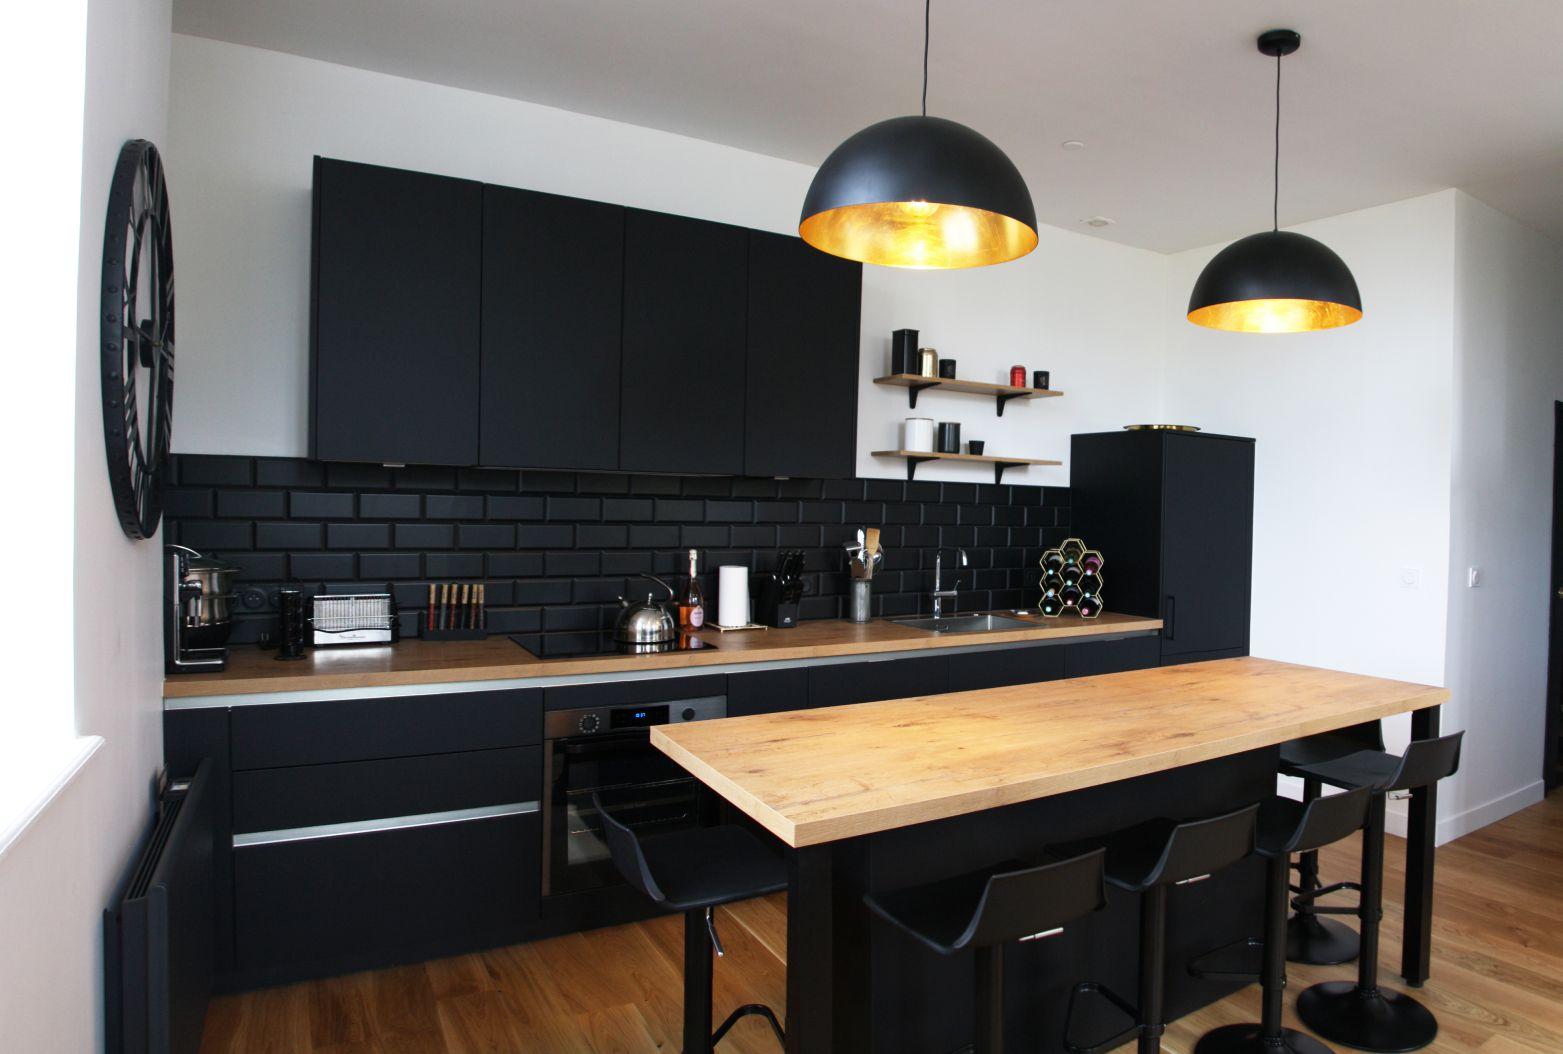 cuisine - moderne - noir - bois - luminaire - or - credence - pave - metro - mat - industriel